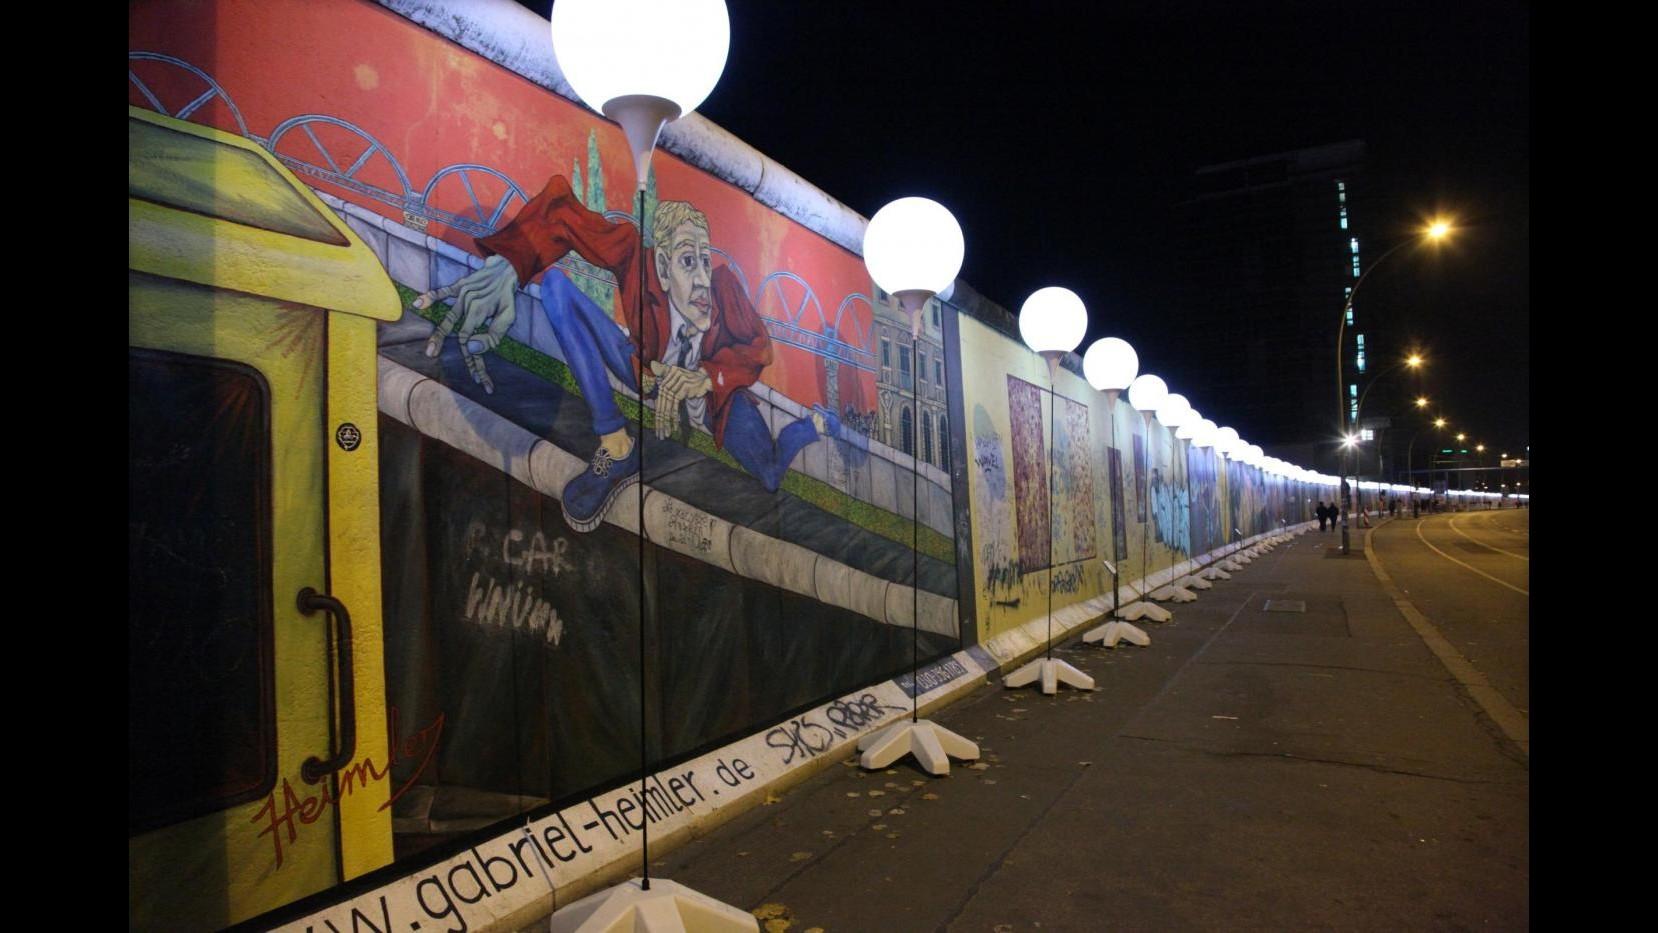 È morto Schabowski, funzionario Ddr che fece cadere muro Berlino